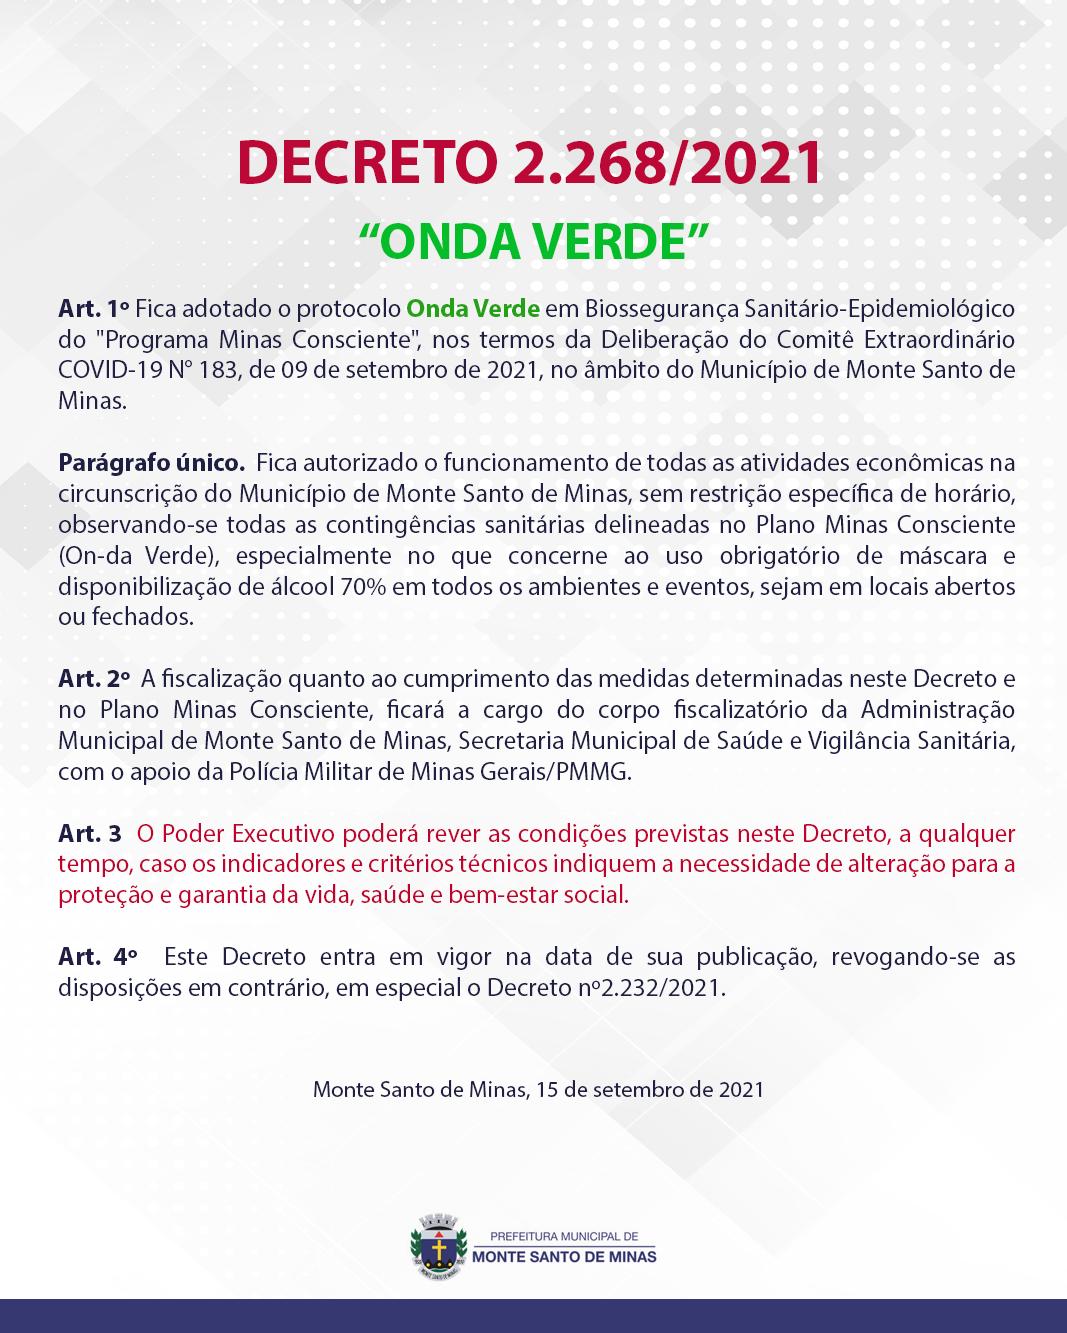 DECRETO-2268